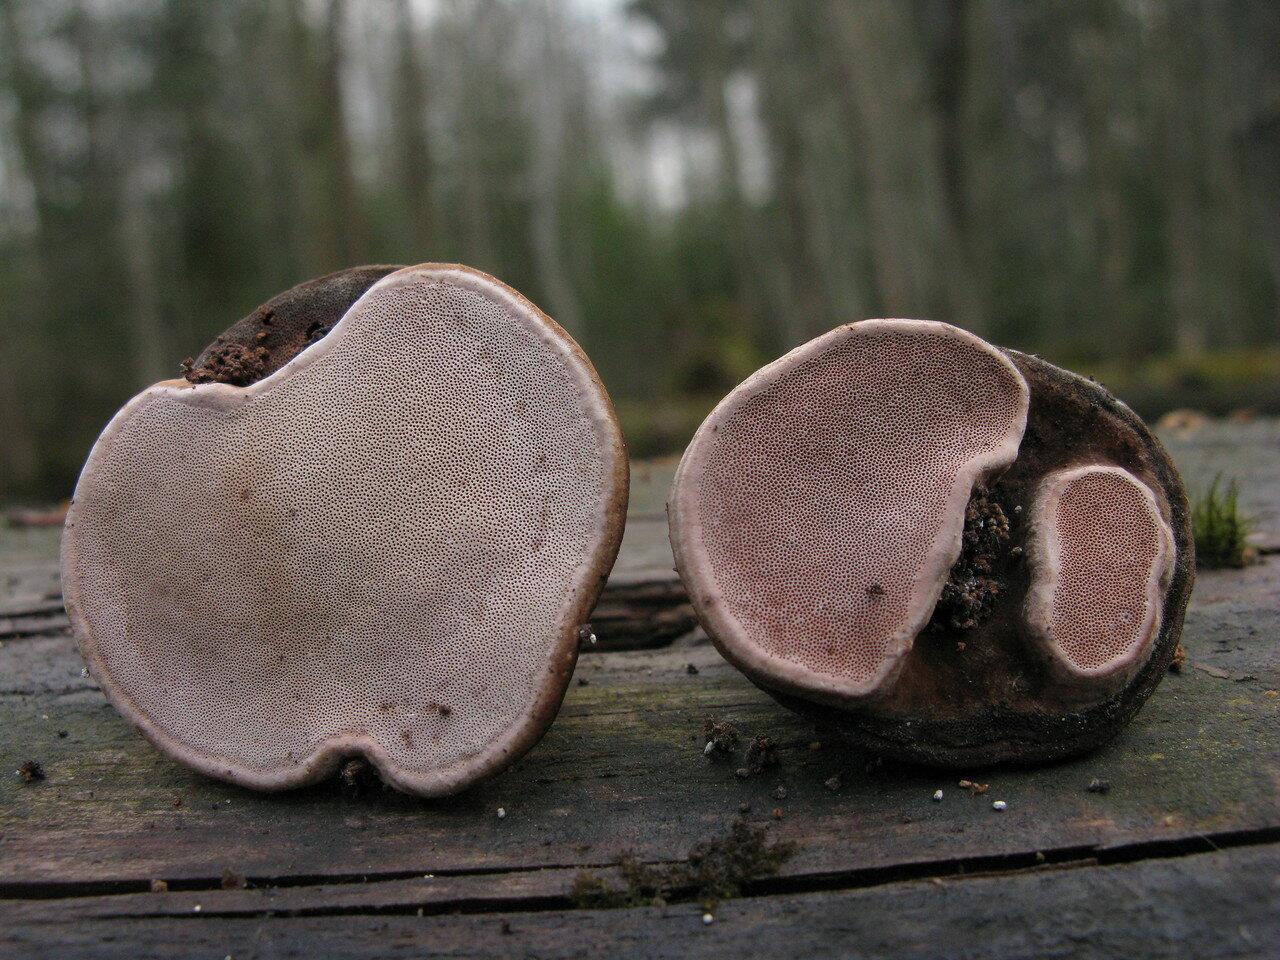 Трутовик розовый (Fomitopsis rosea) Автор фото: Станислав Кривошеев